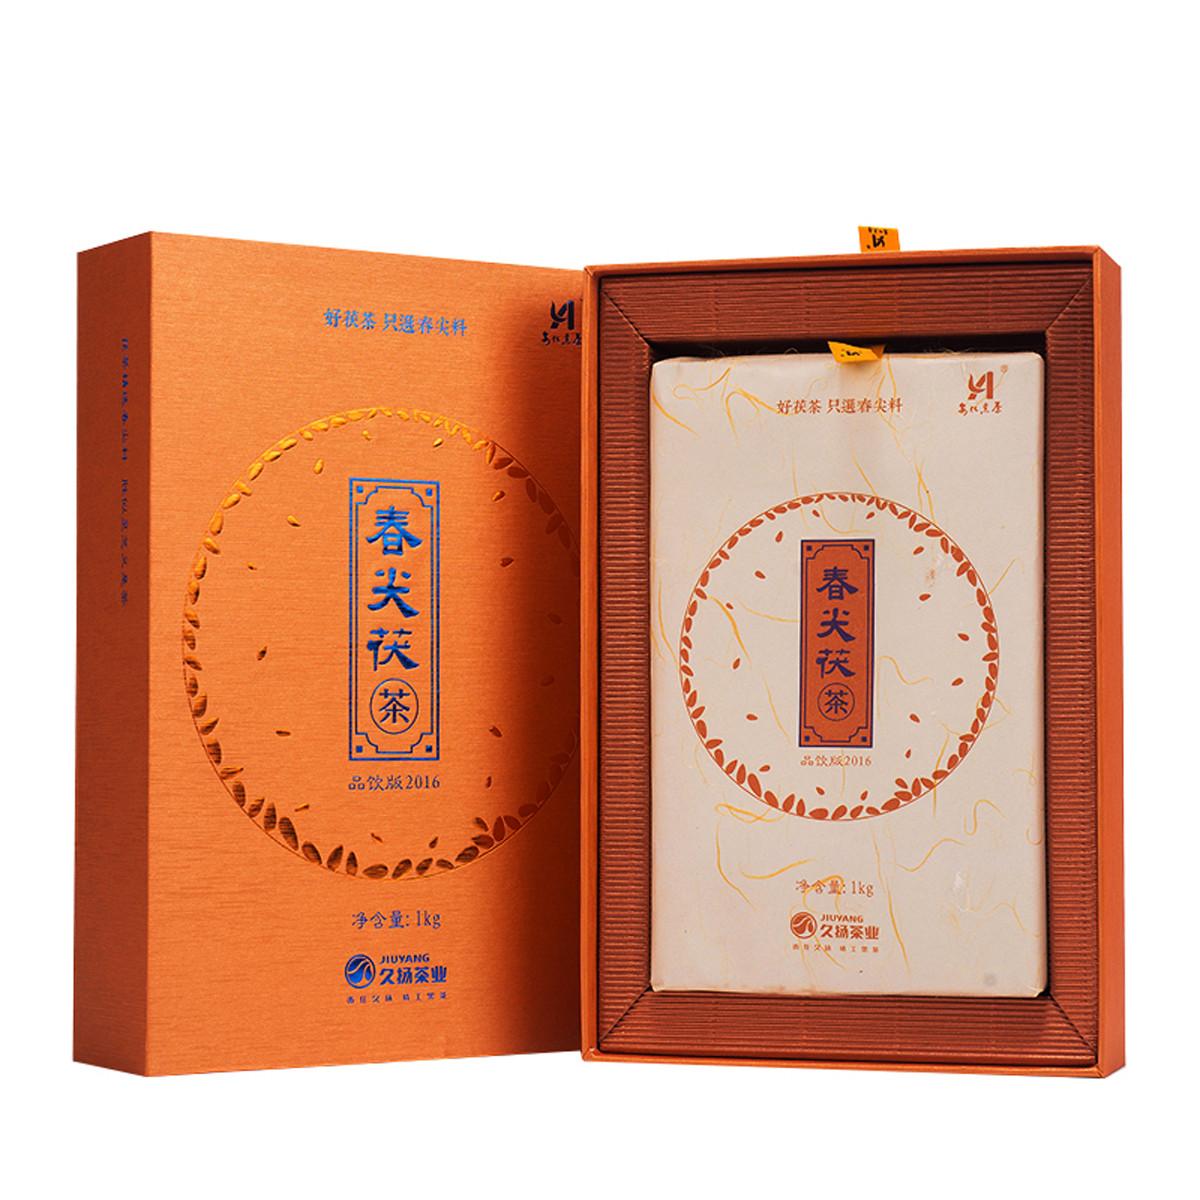 久扬 湖南安化黑茶 茯砖茶 2016年春尖茯茶品饮版1kg